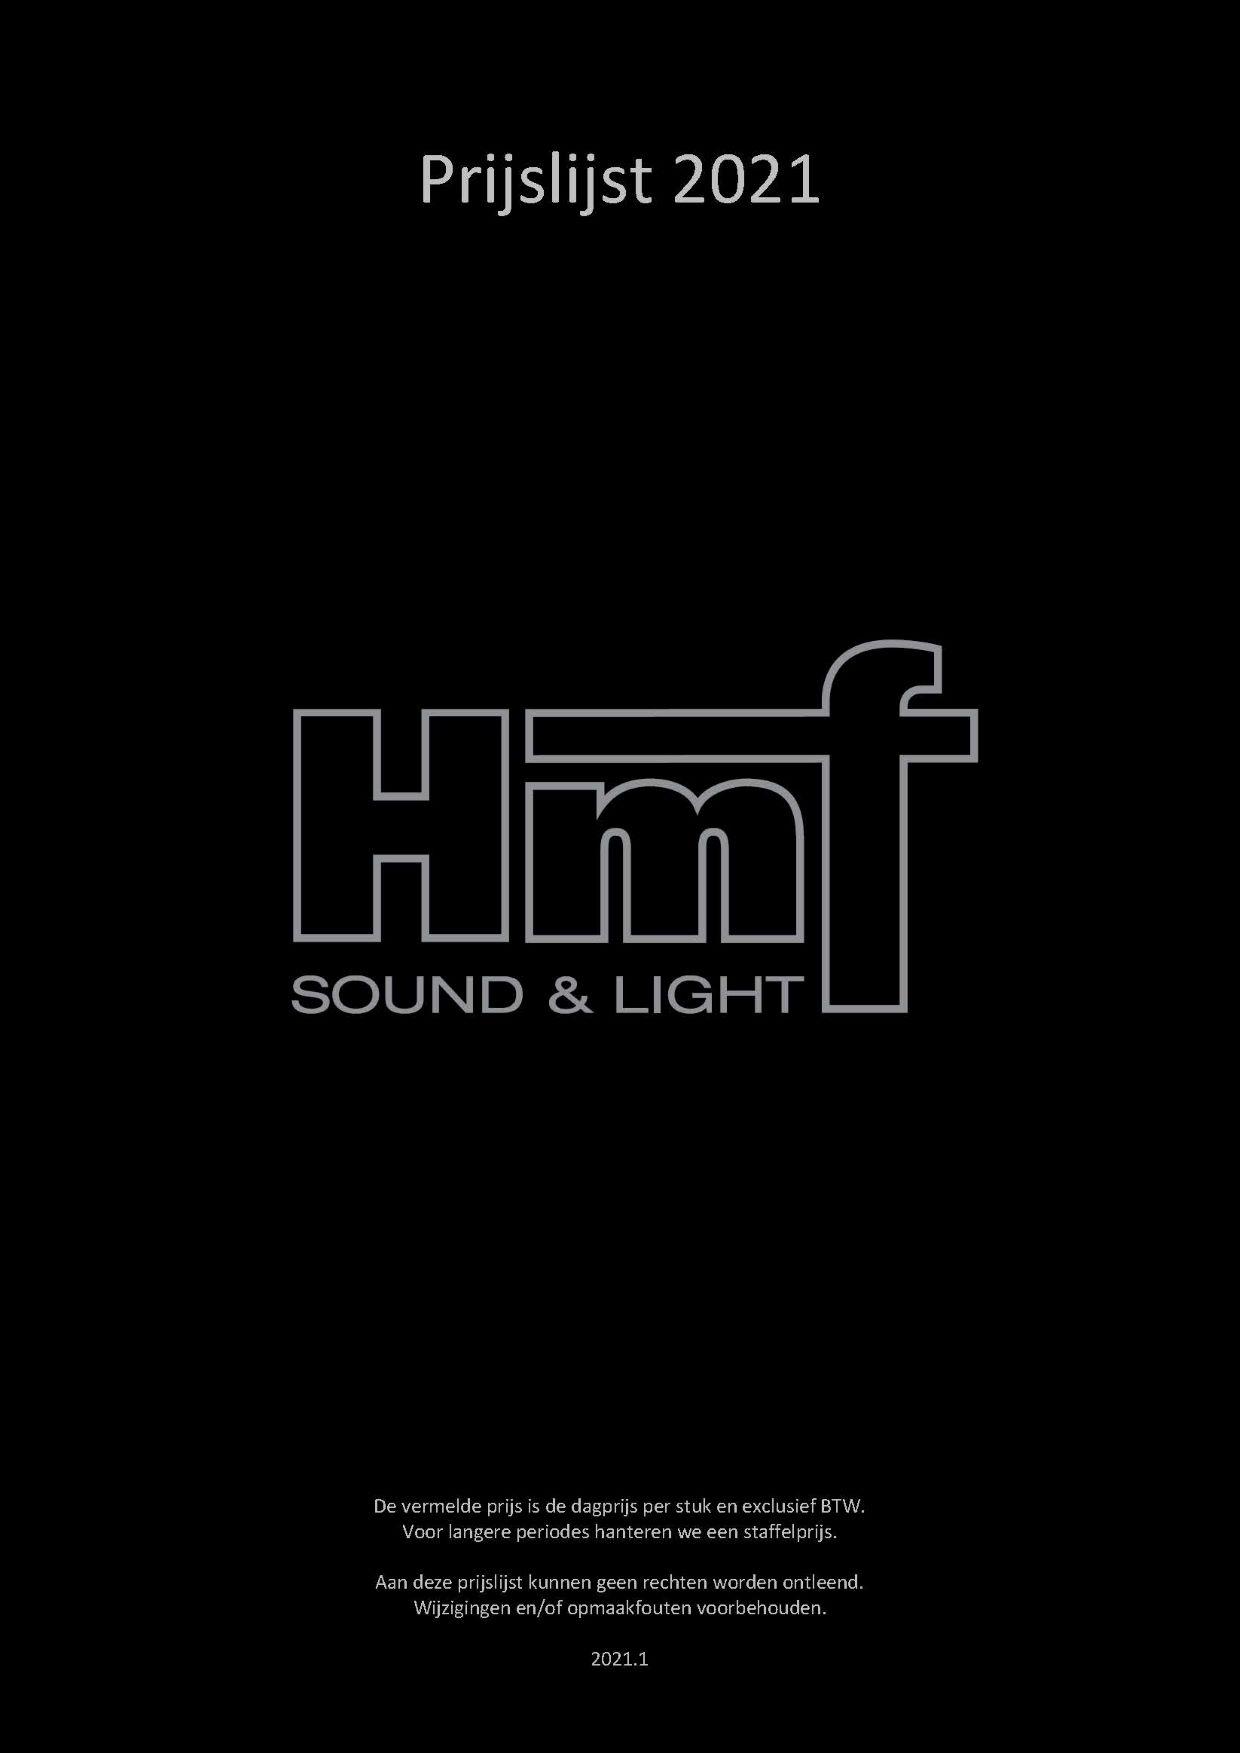 HMF Verhuur Prijslijst